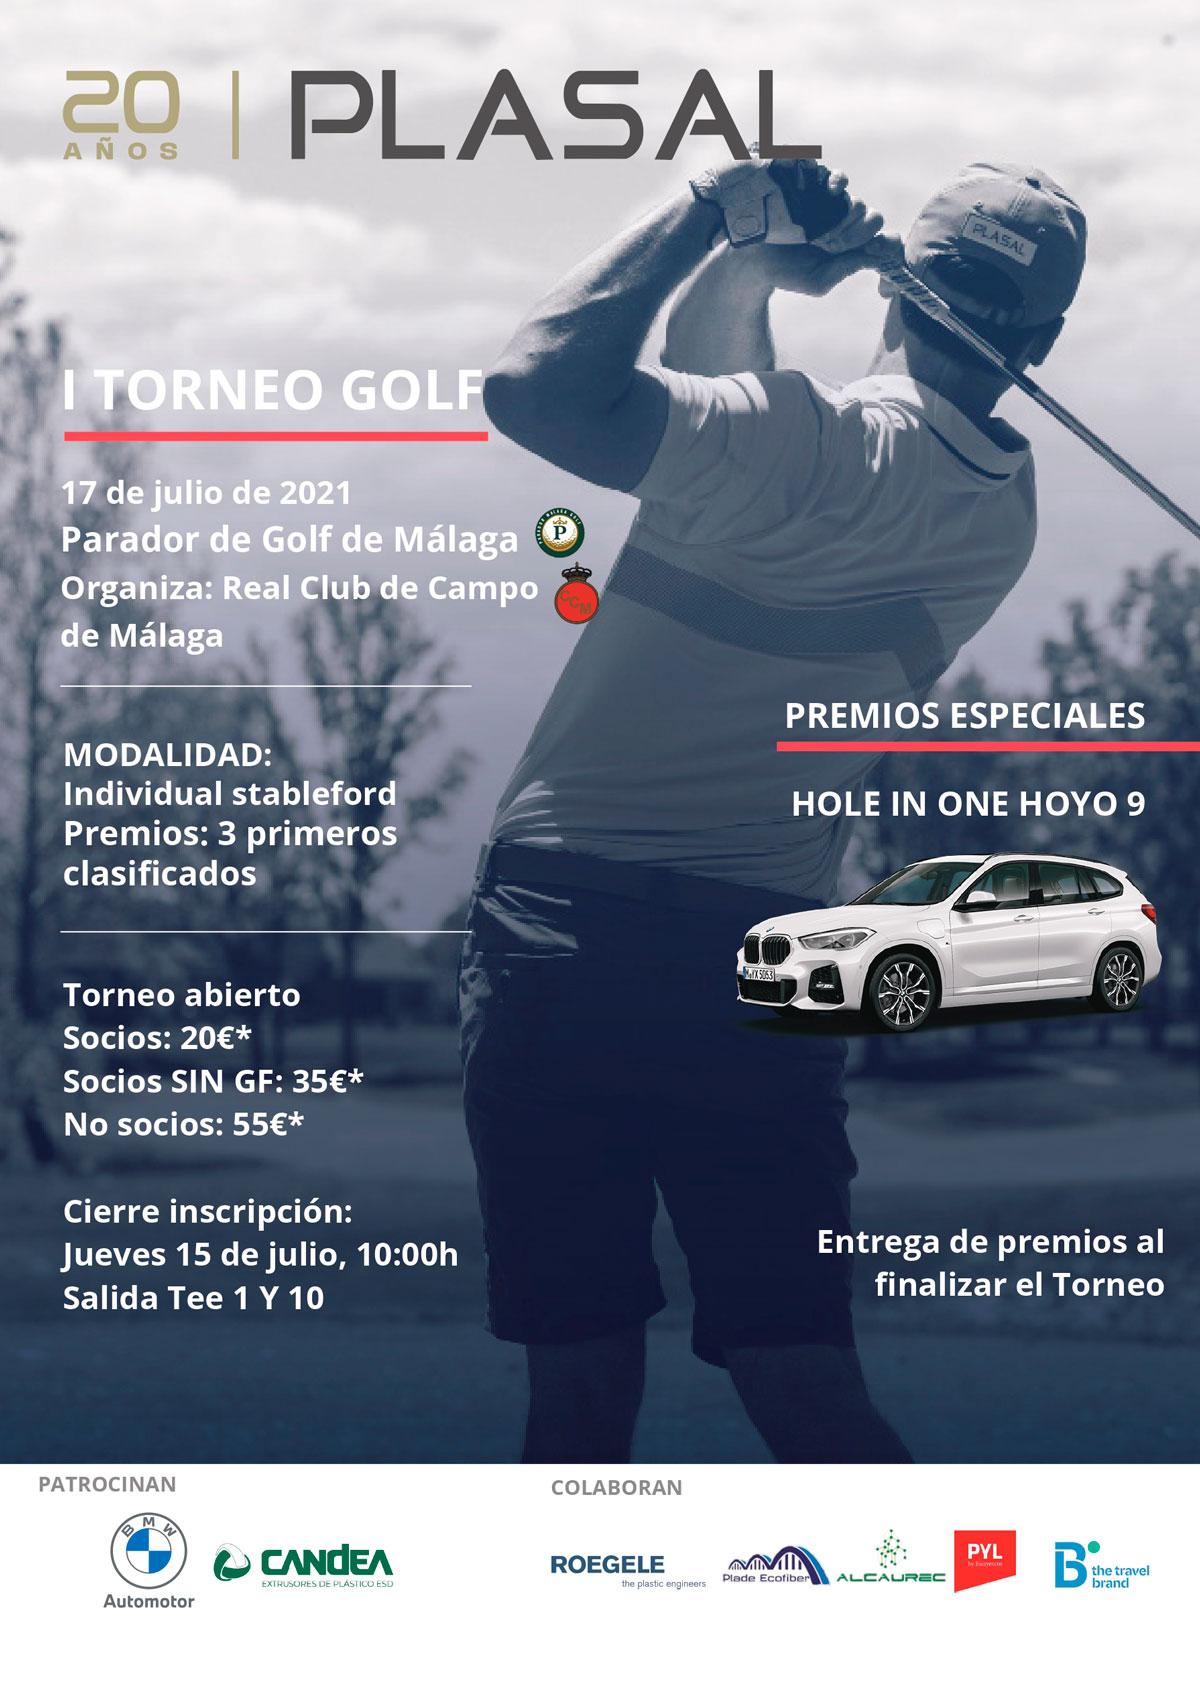 Celebramos el I Trofeo Golf Plasal con motivo de nuestro XX aniversario